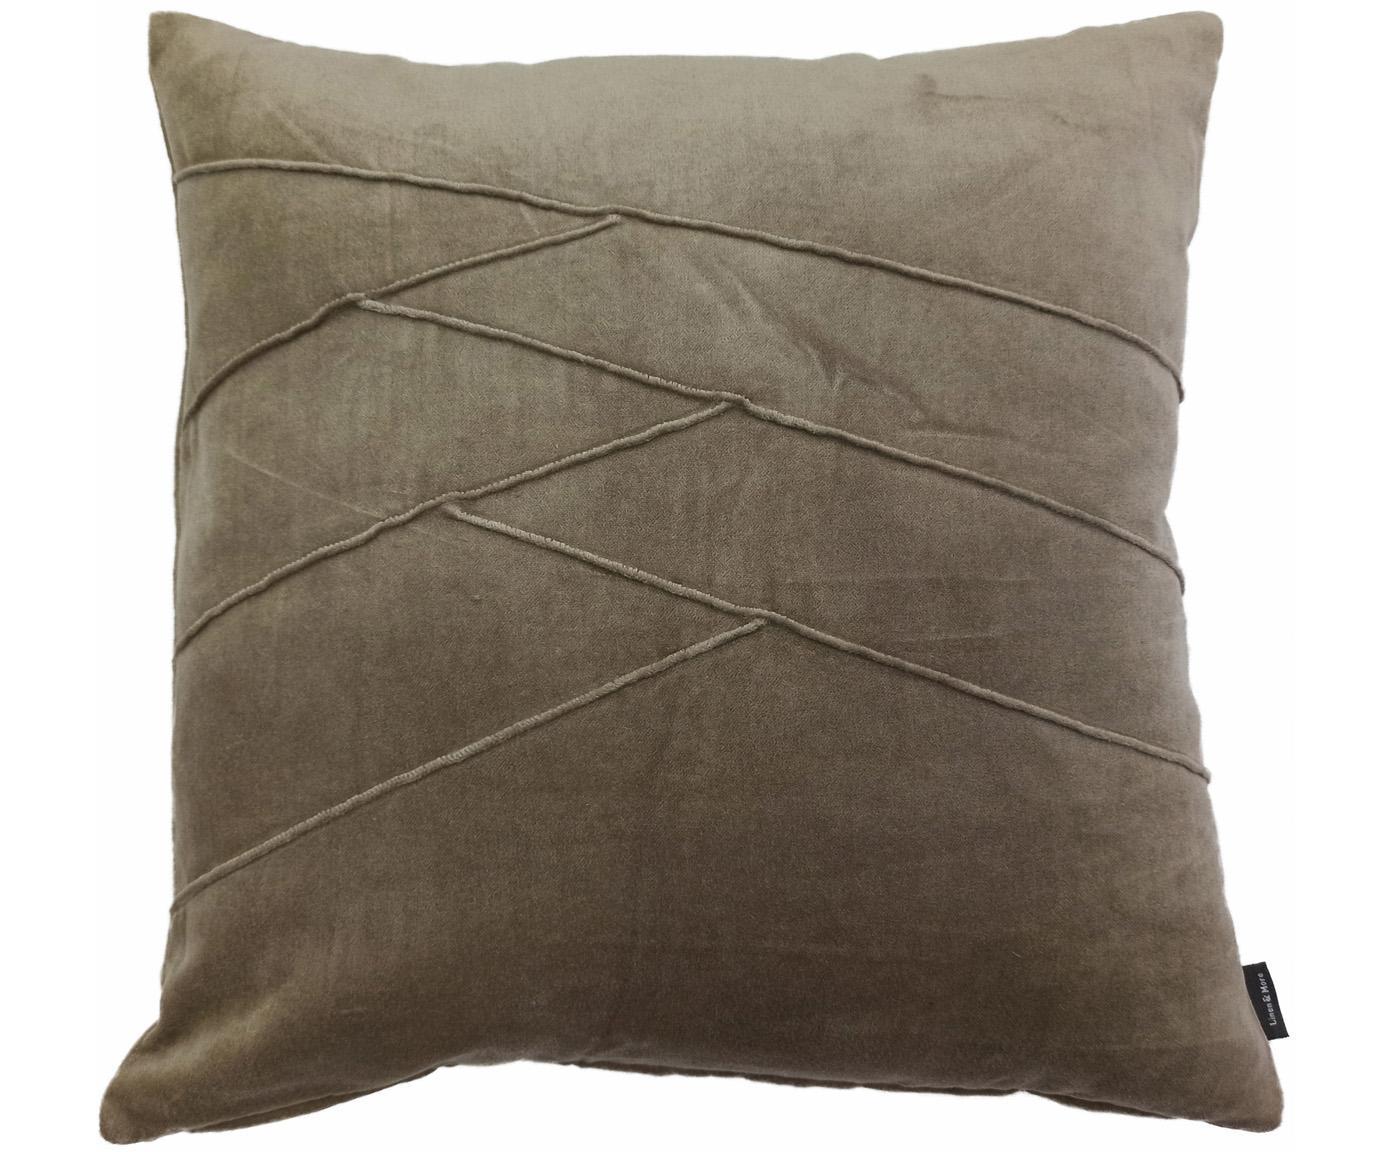 Fluwelen kussen Pintuck in taupe met verhoogd structuurpatroon, met vulling, Weeftechniek: fluweel, Taupe, 45 x 45 cm